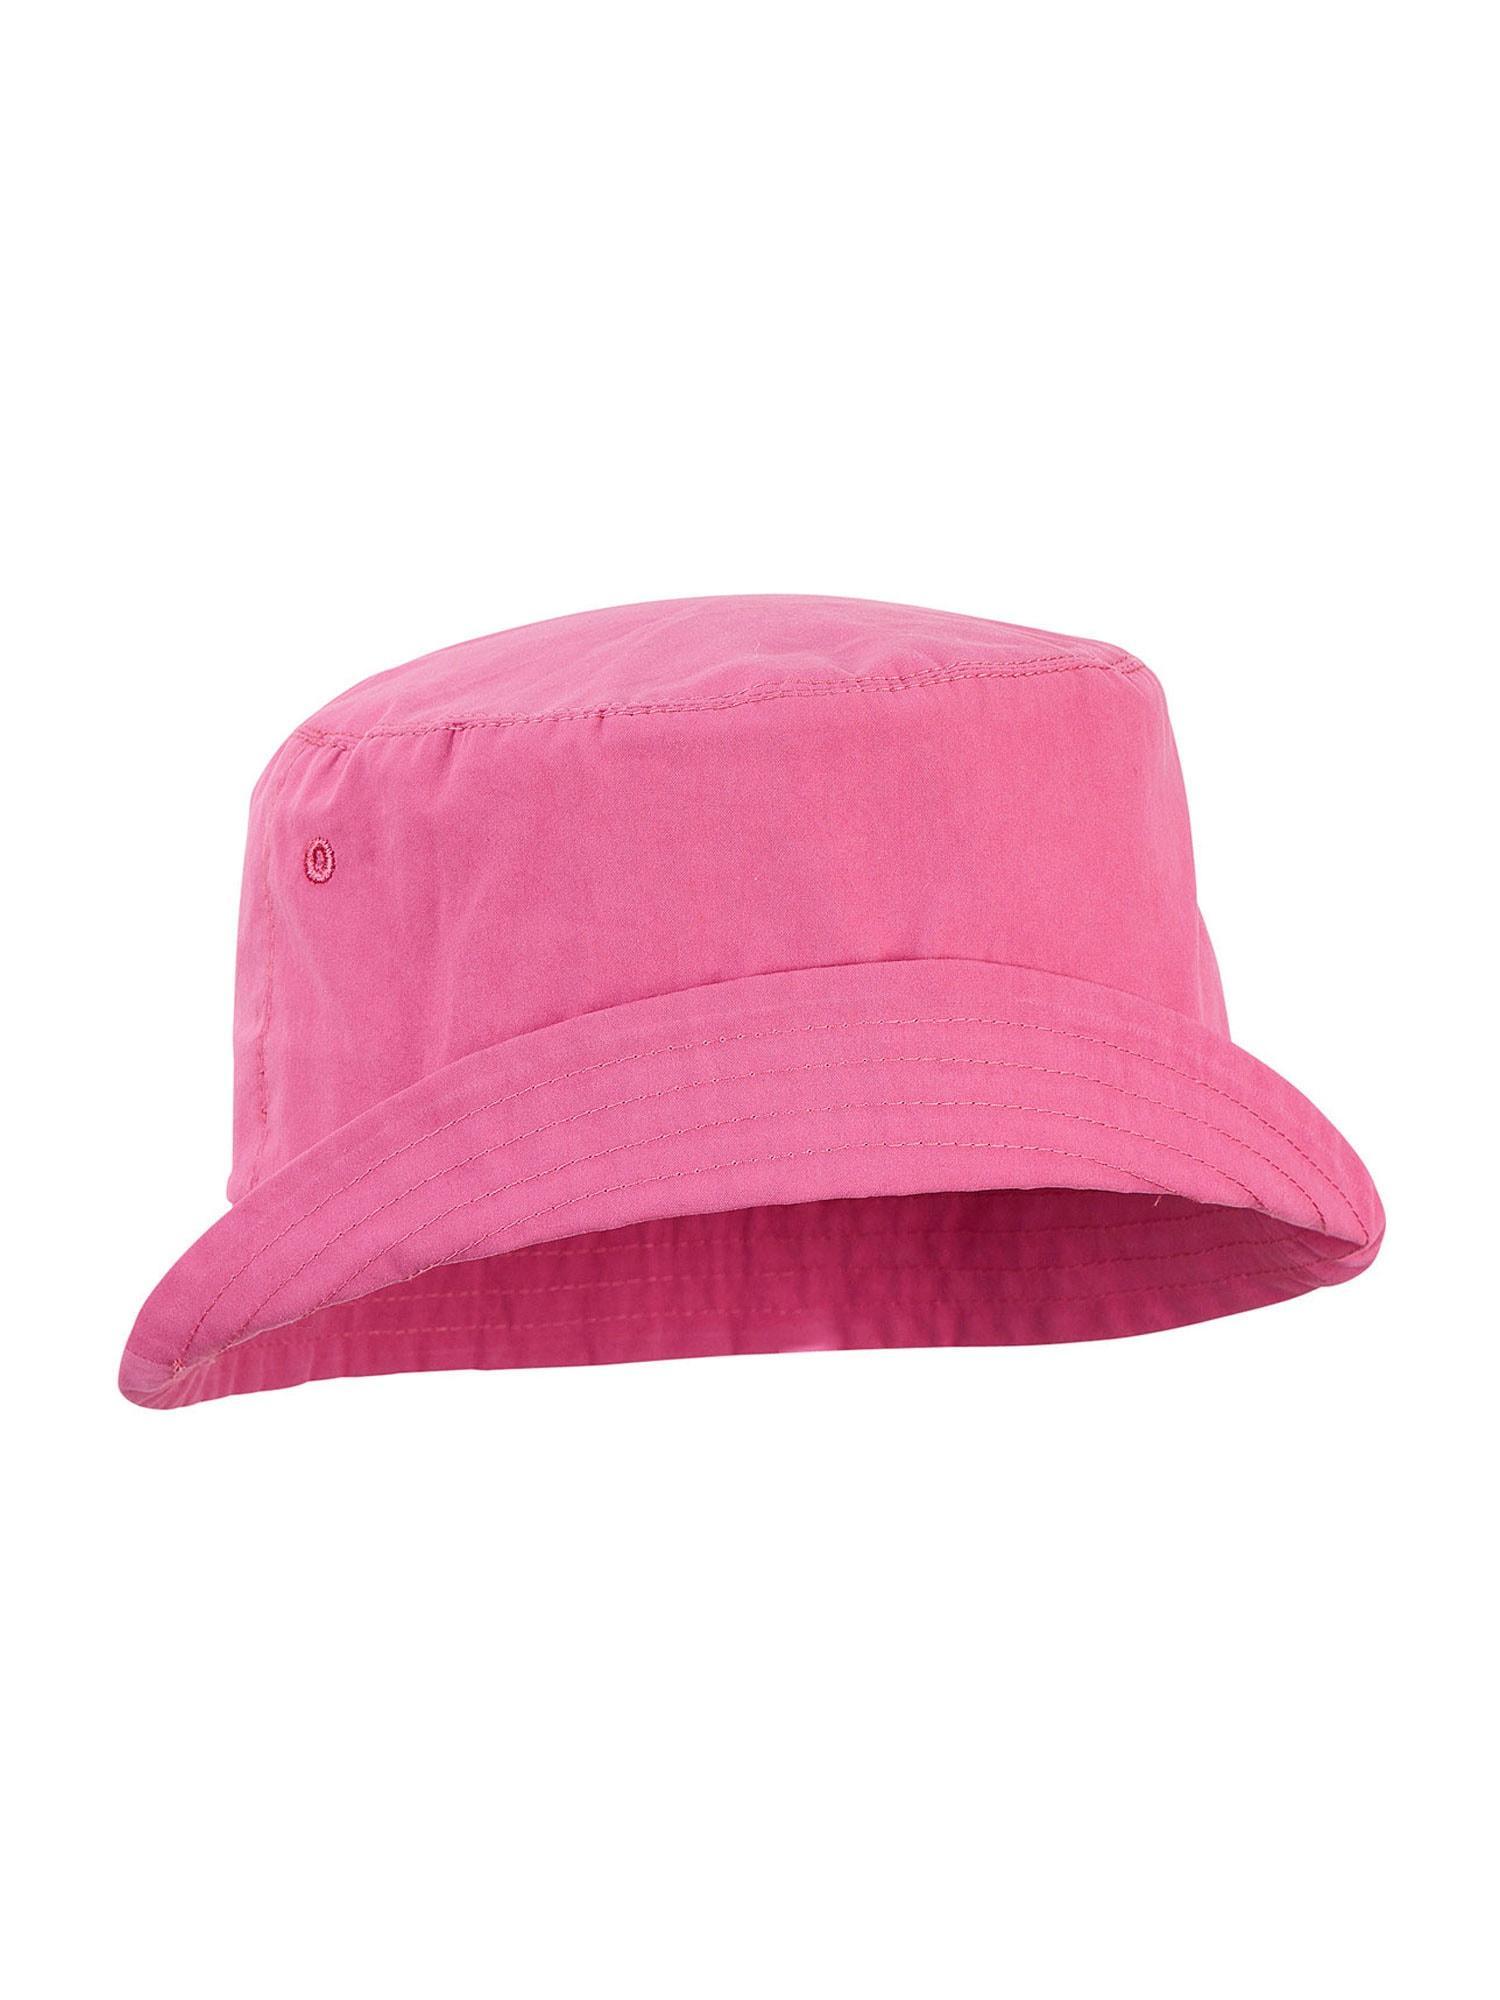 STERNTALER Hut pink